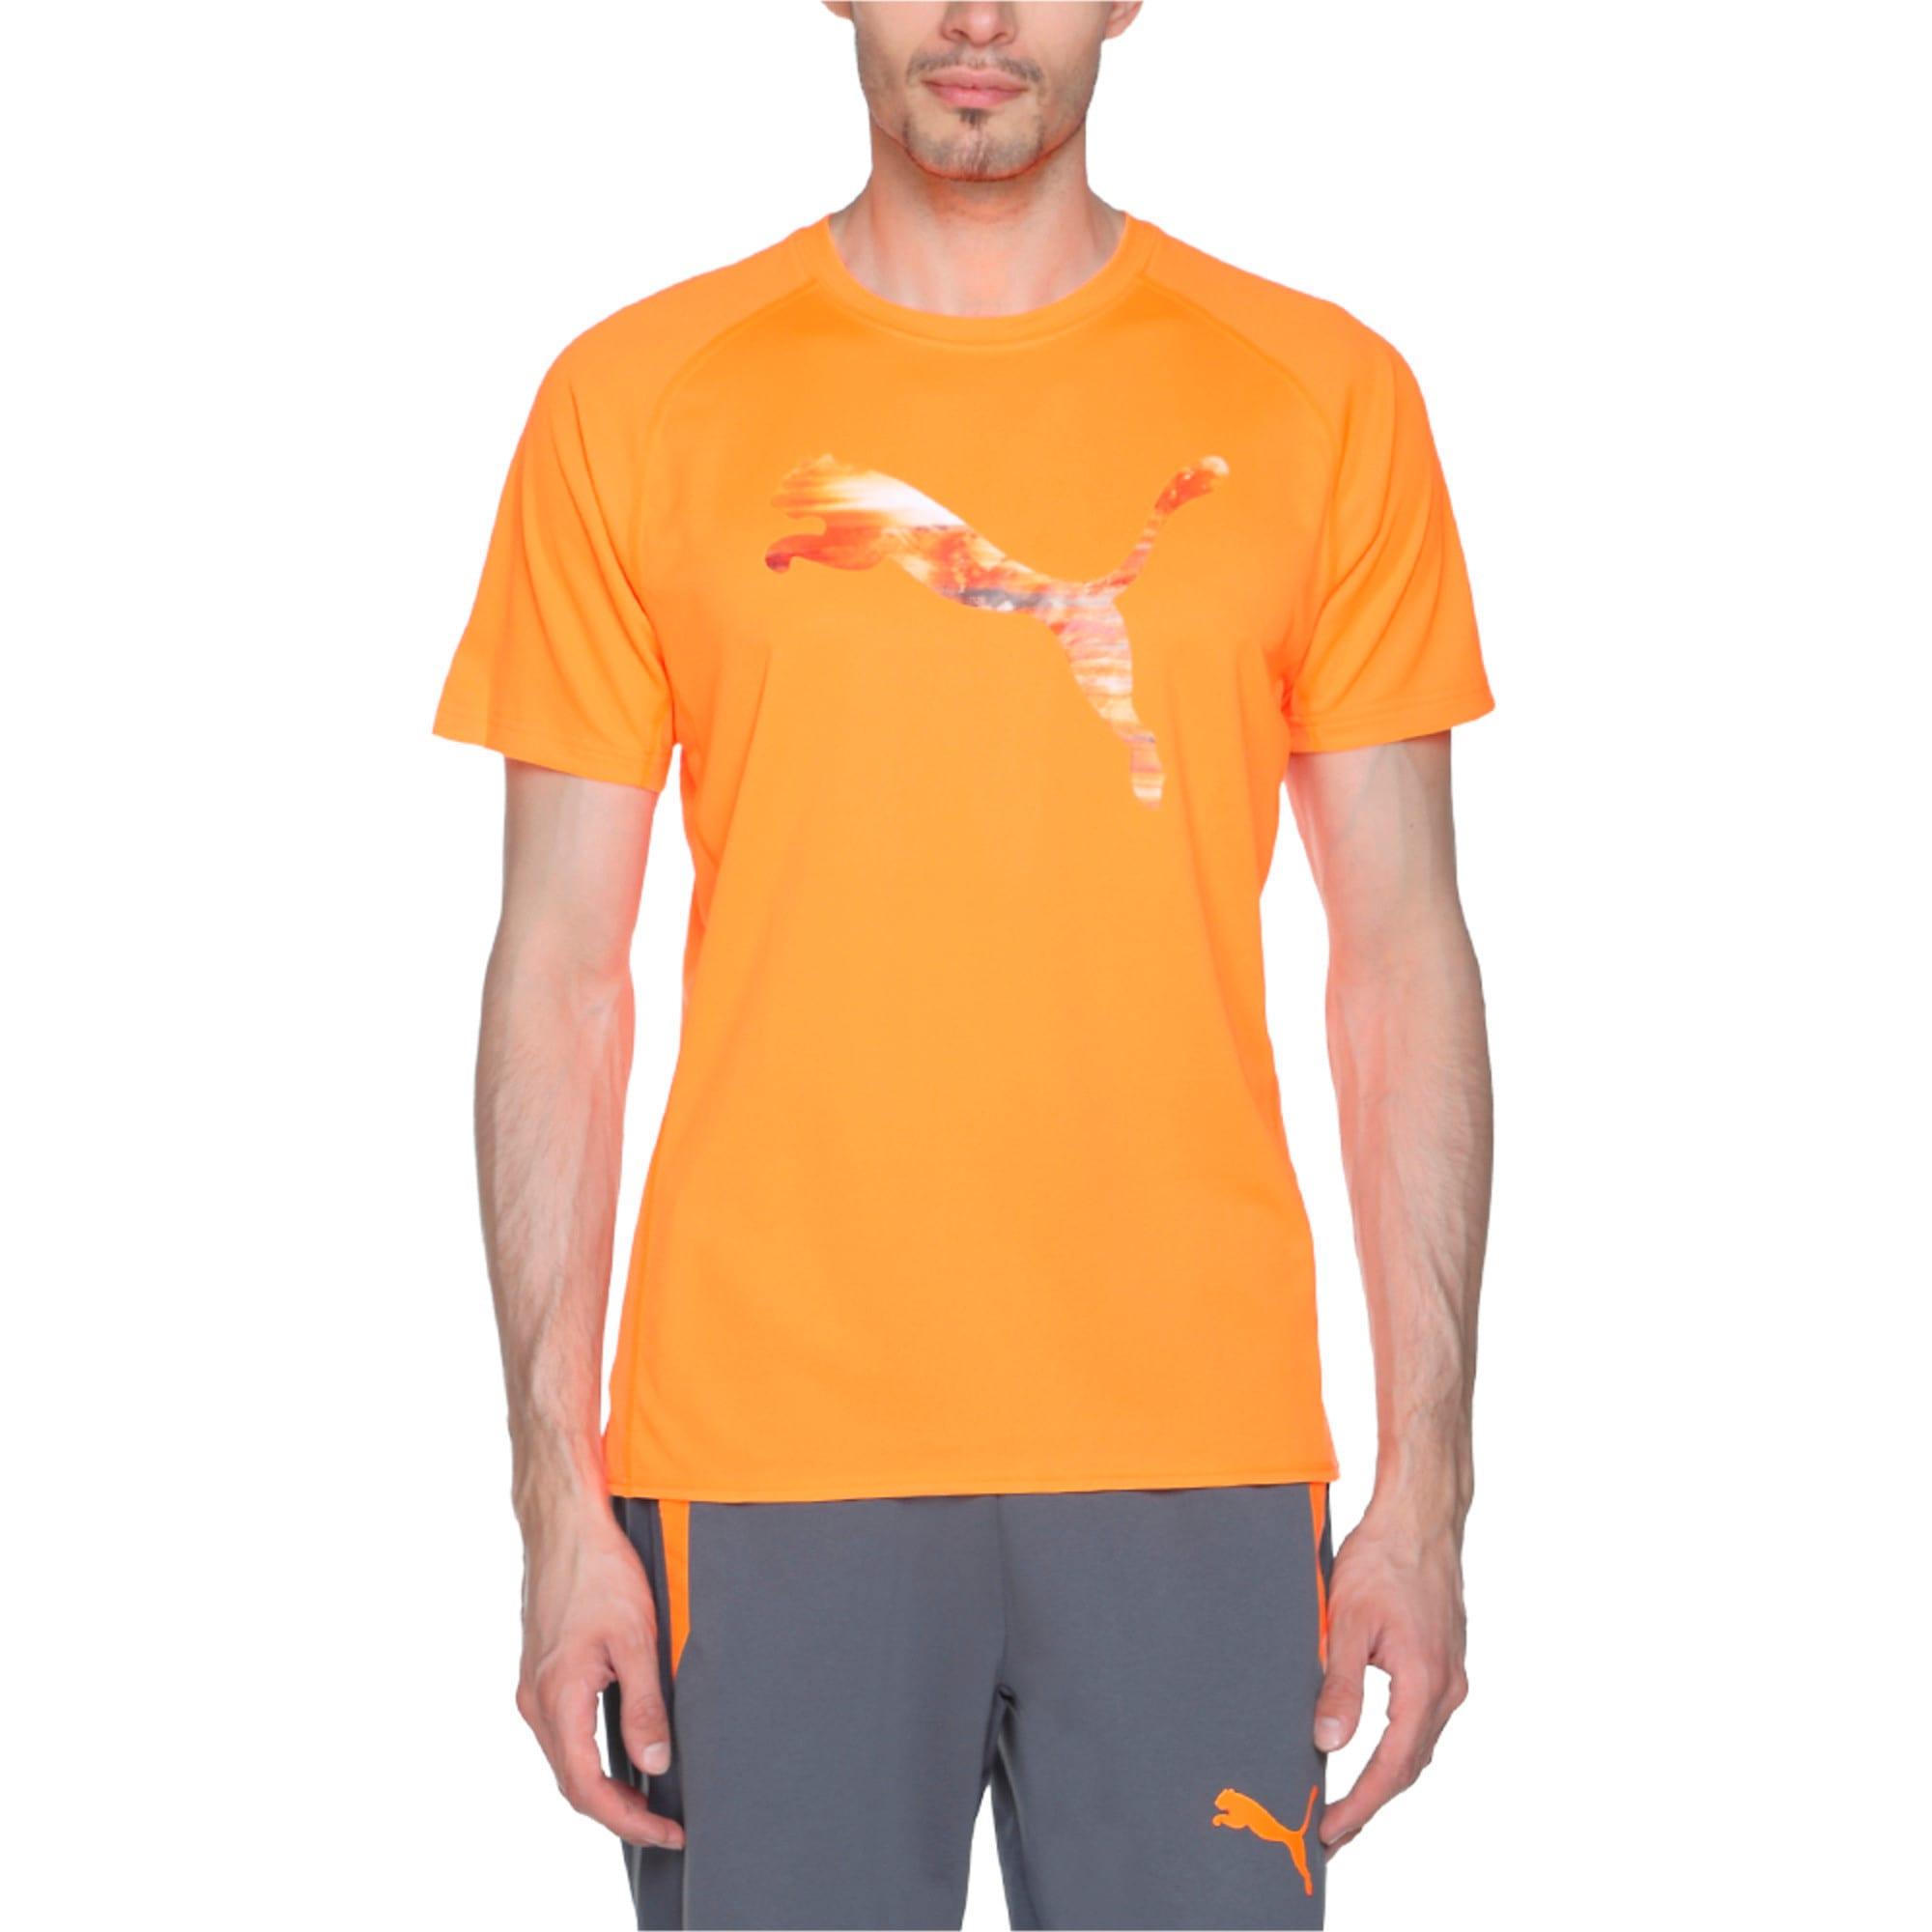 Thumbnail 2 of Running Logo T-Shirt, Shocking Orange, medium-IND